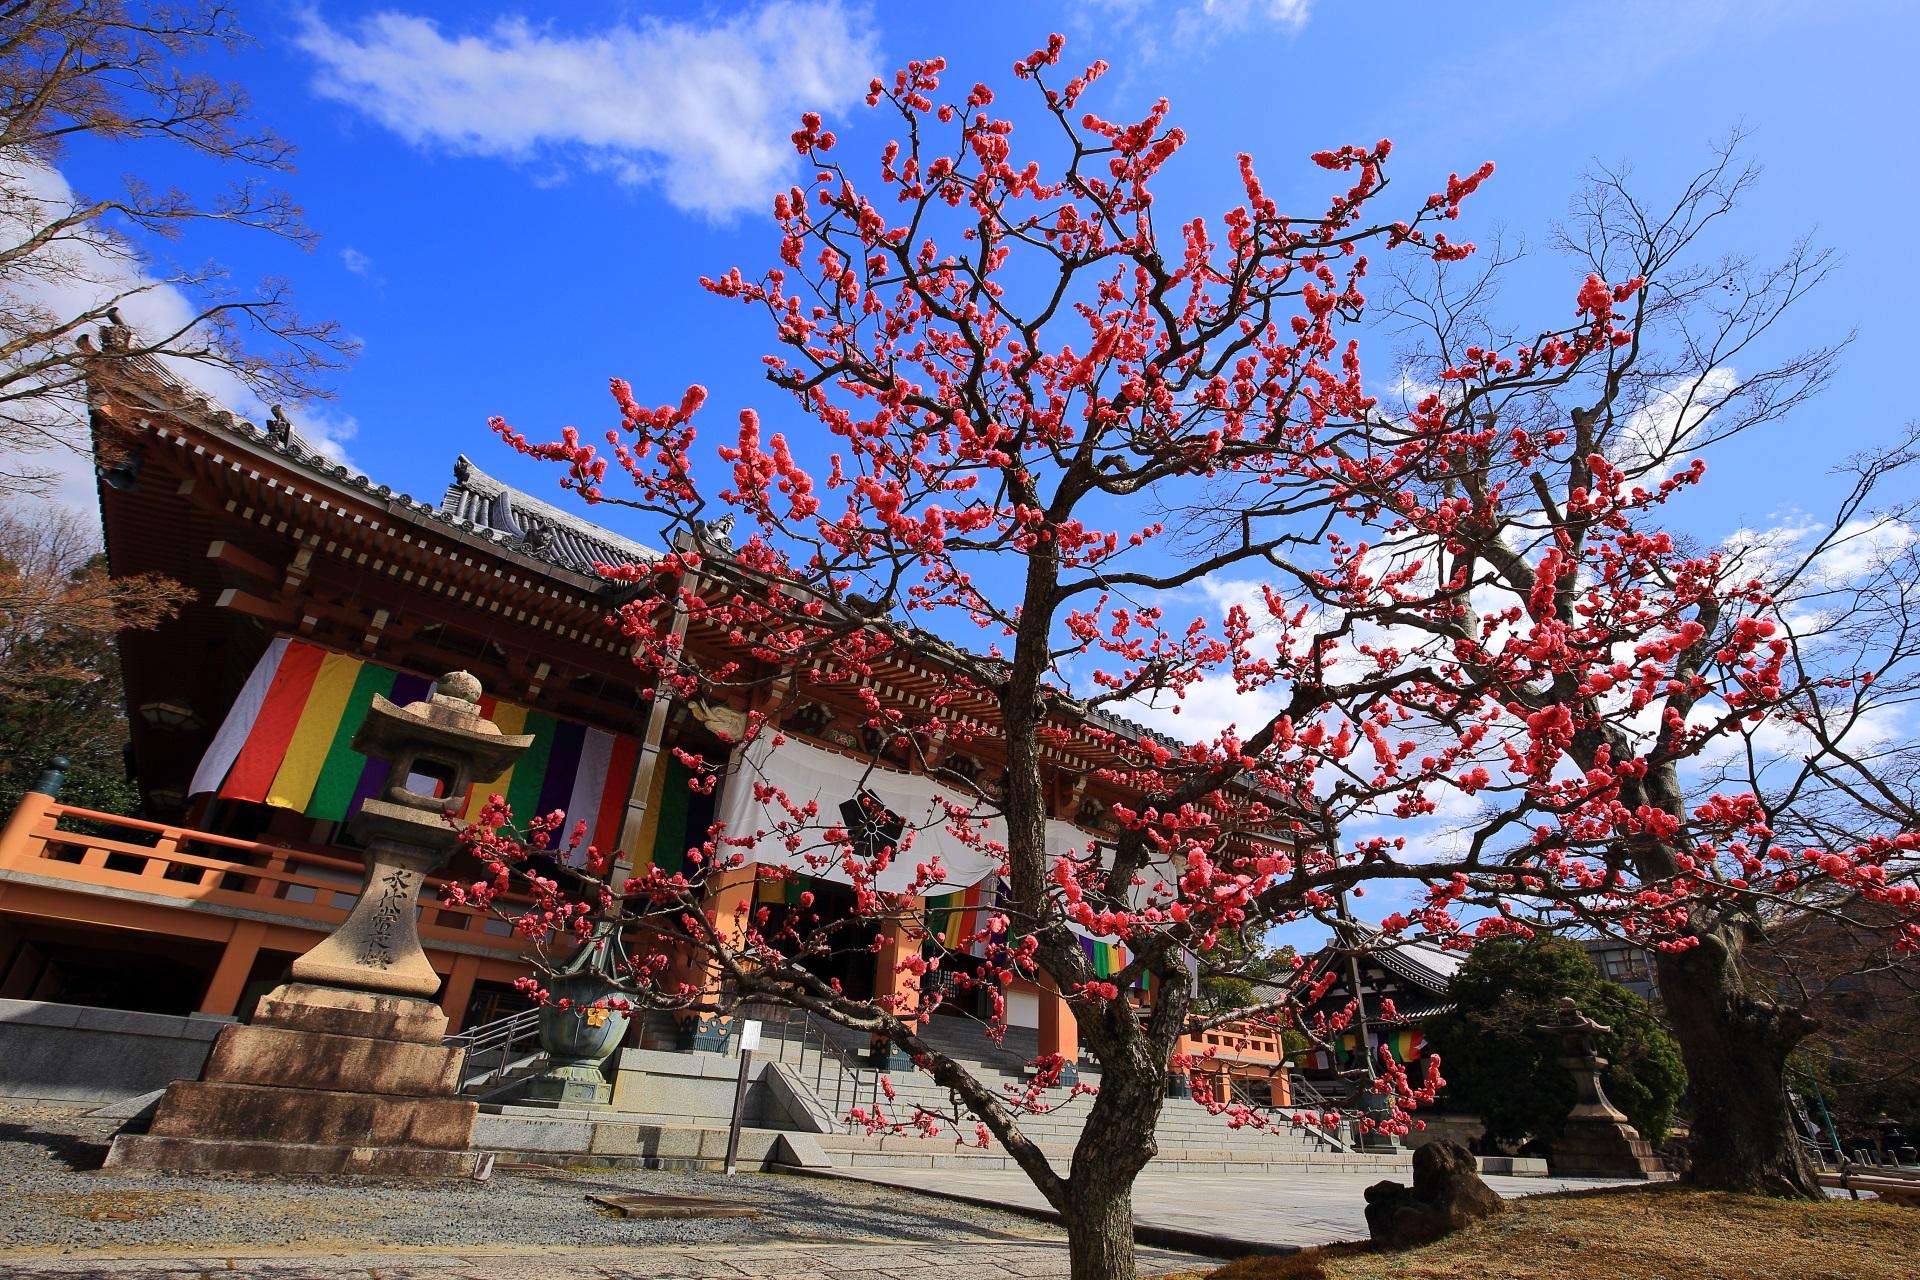 智積院の素晴らしい梅と情景